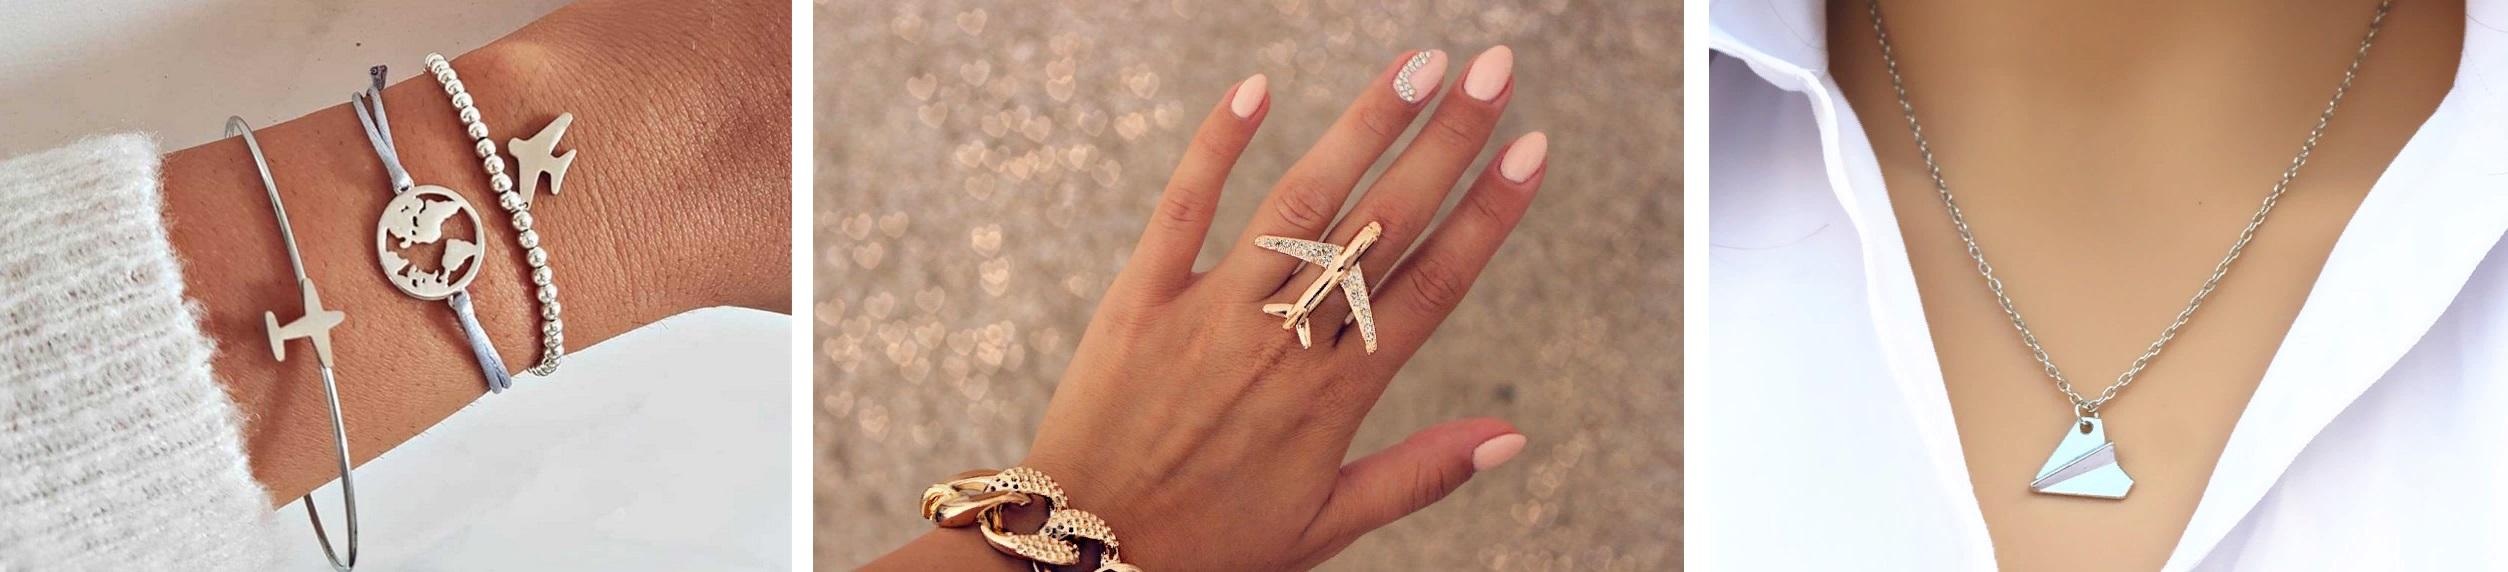 броши, серьги, колье, кольца, браслеты самолётики